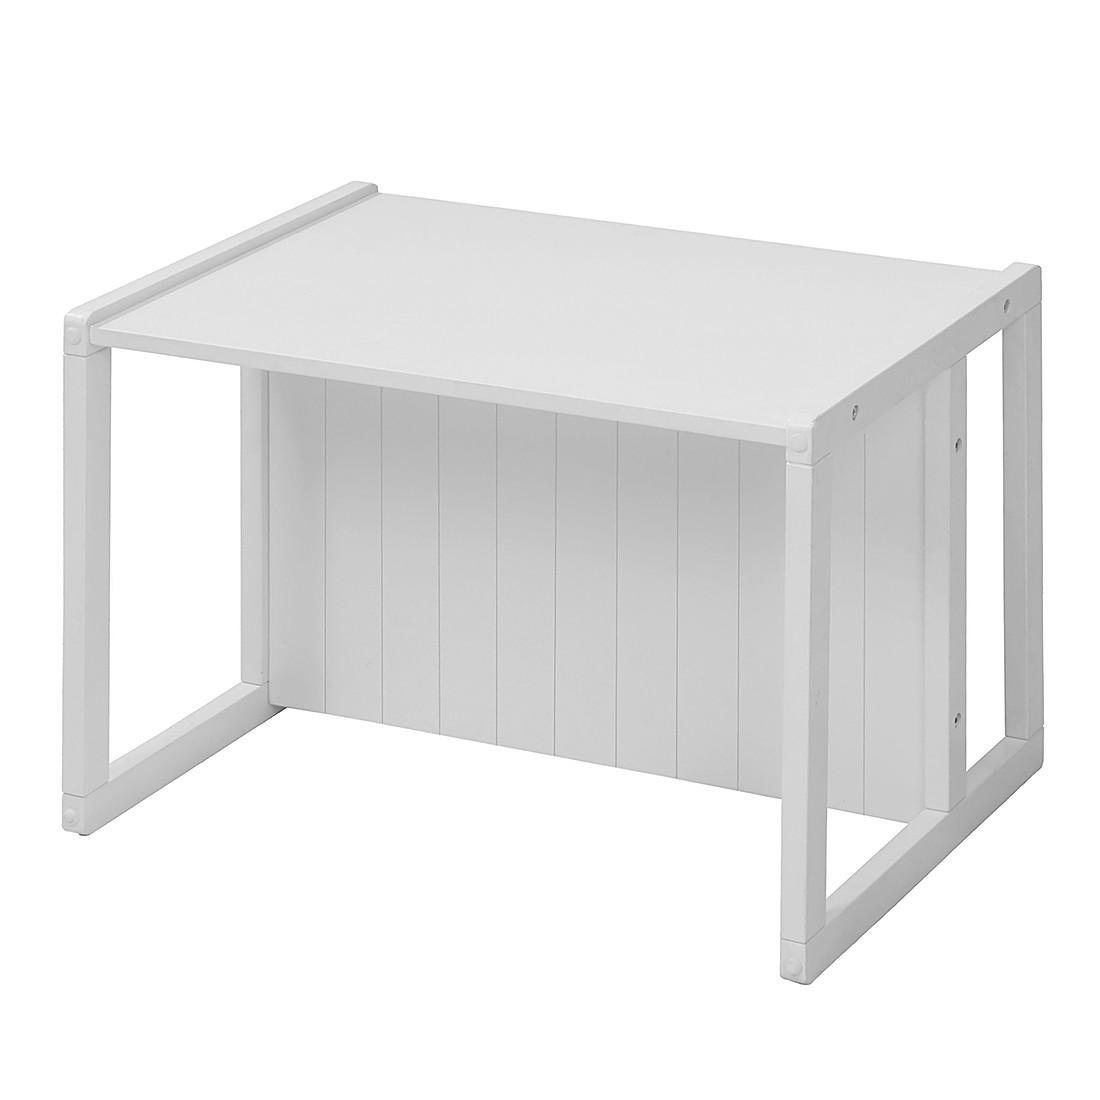 Tisch Country - Weiß, Roba